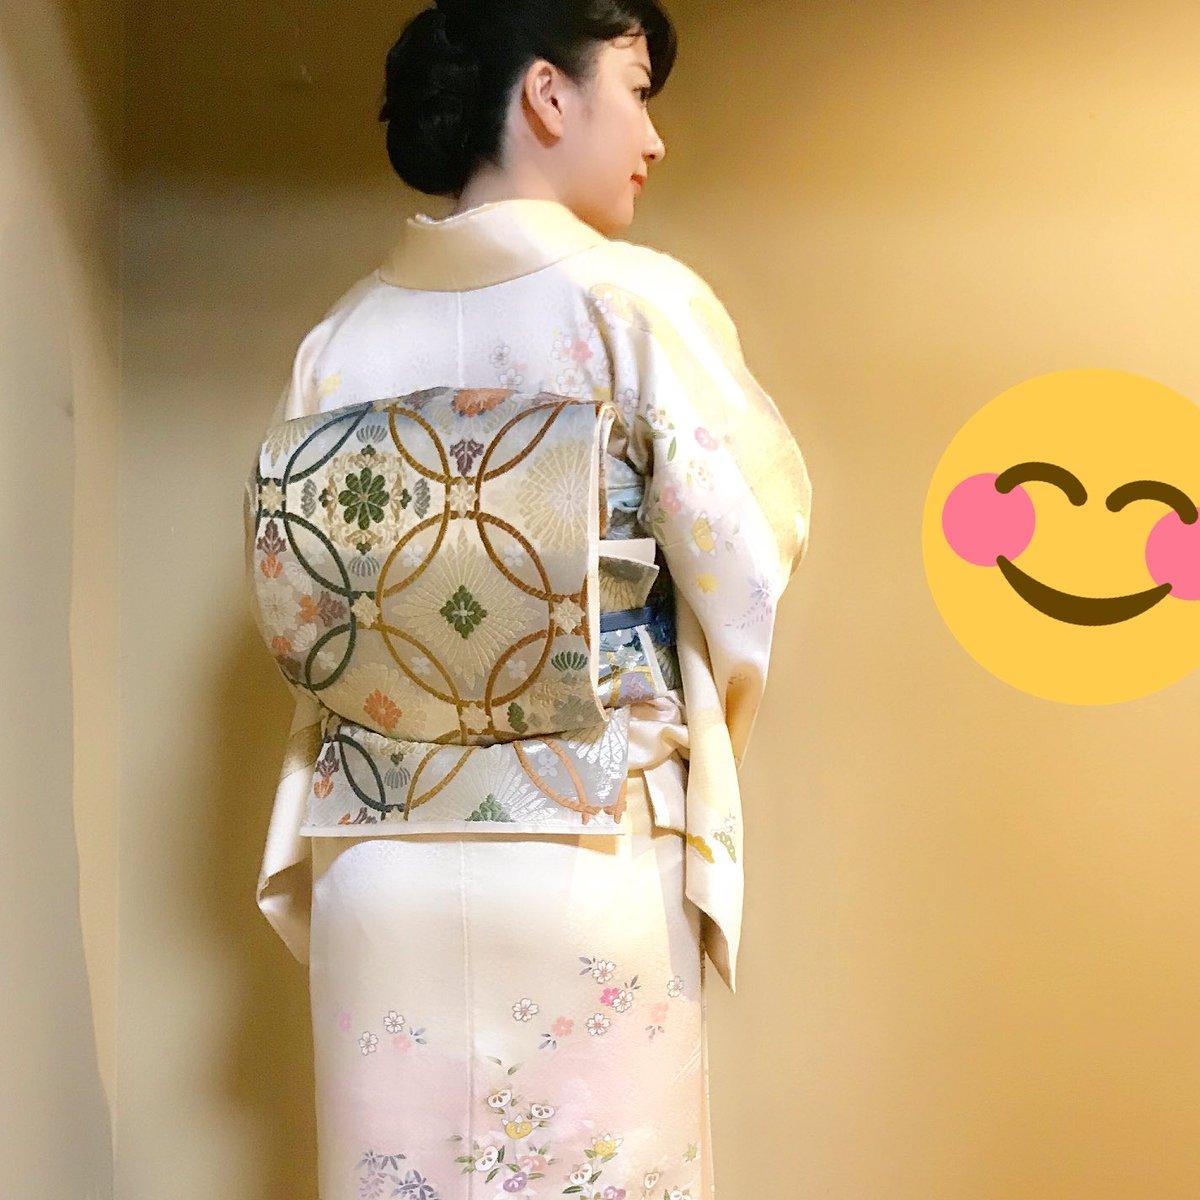 香川愛生❄️2日目西れ72bさんの投稿画像